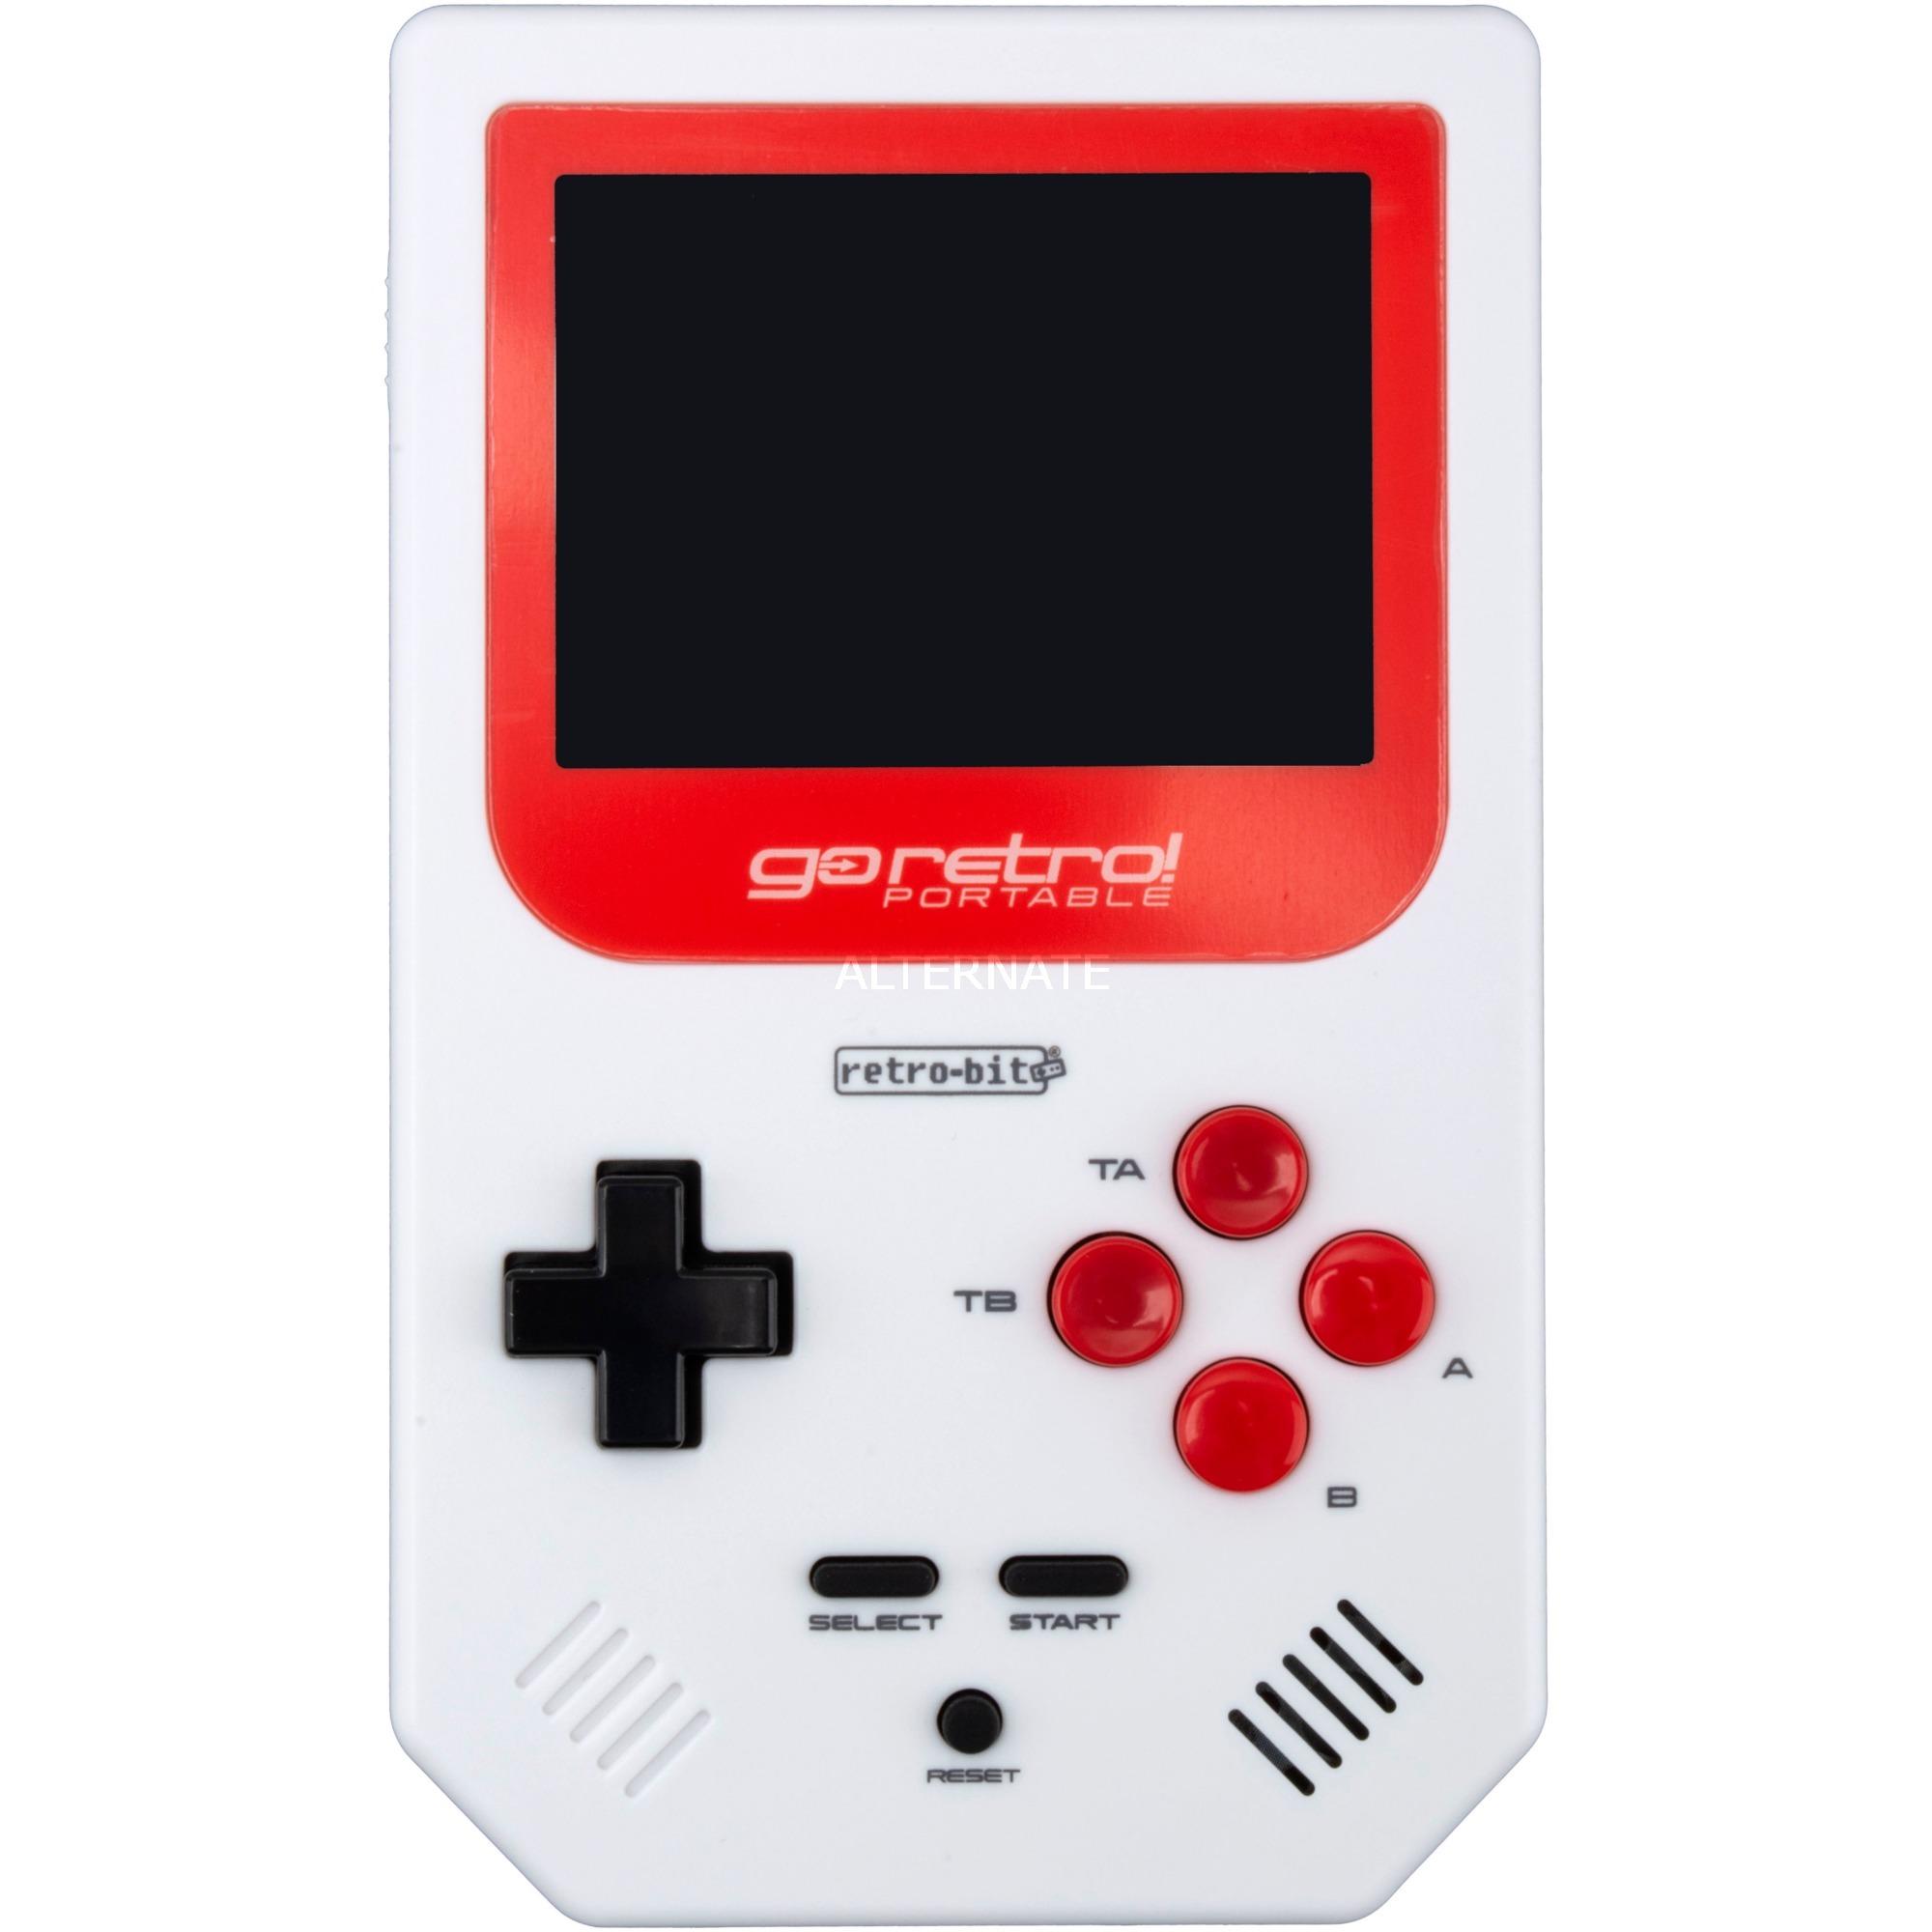 Go Retro! Portable, Videoconsola